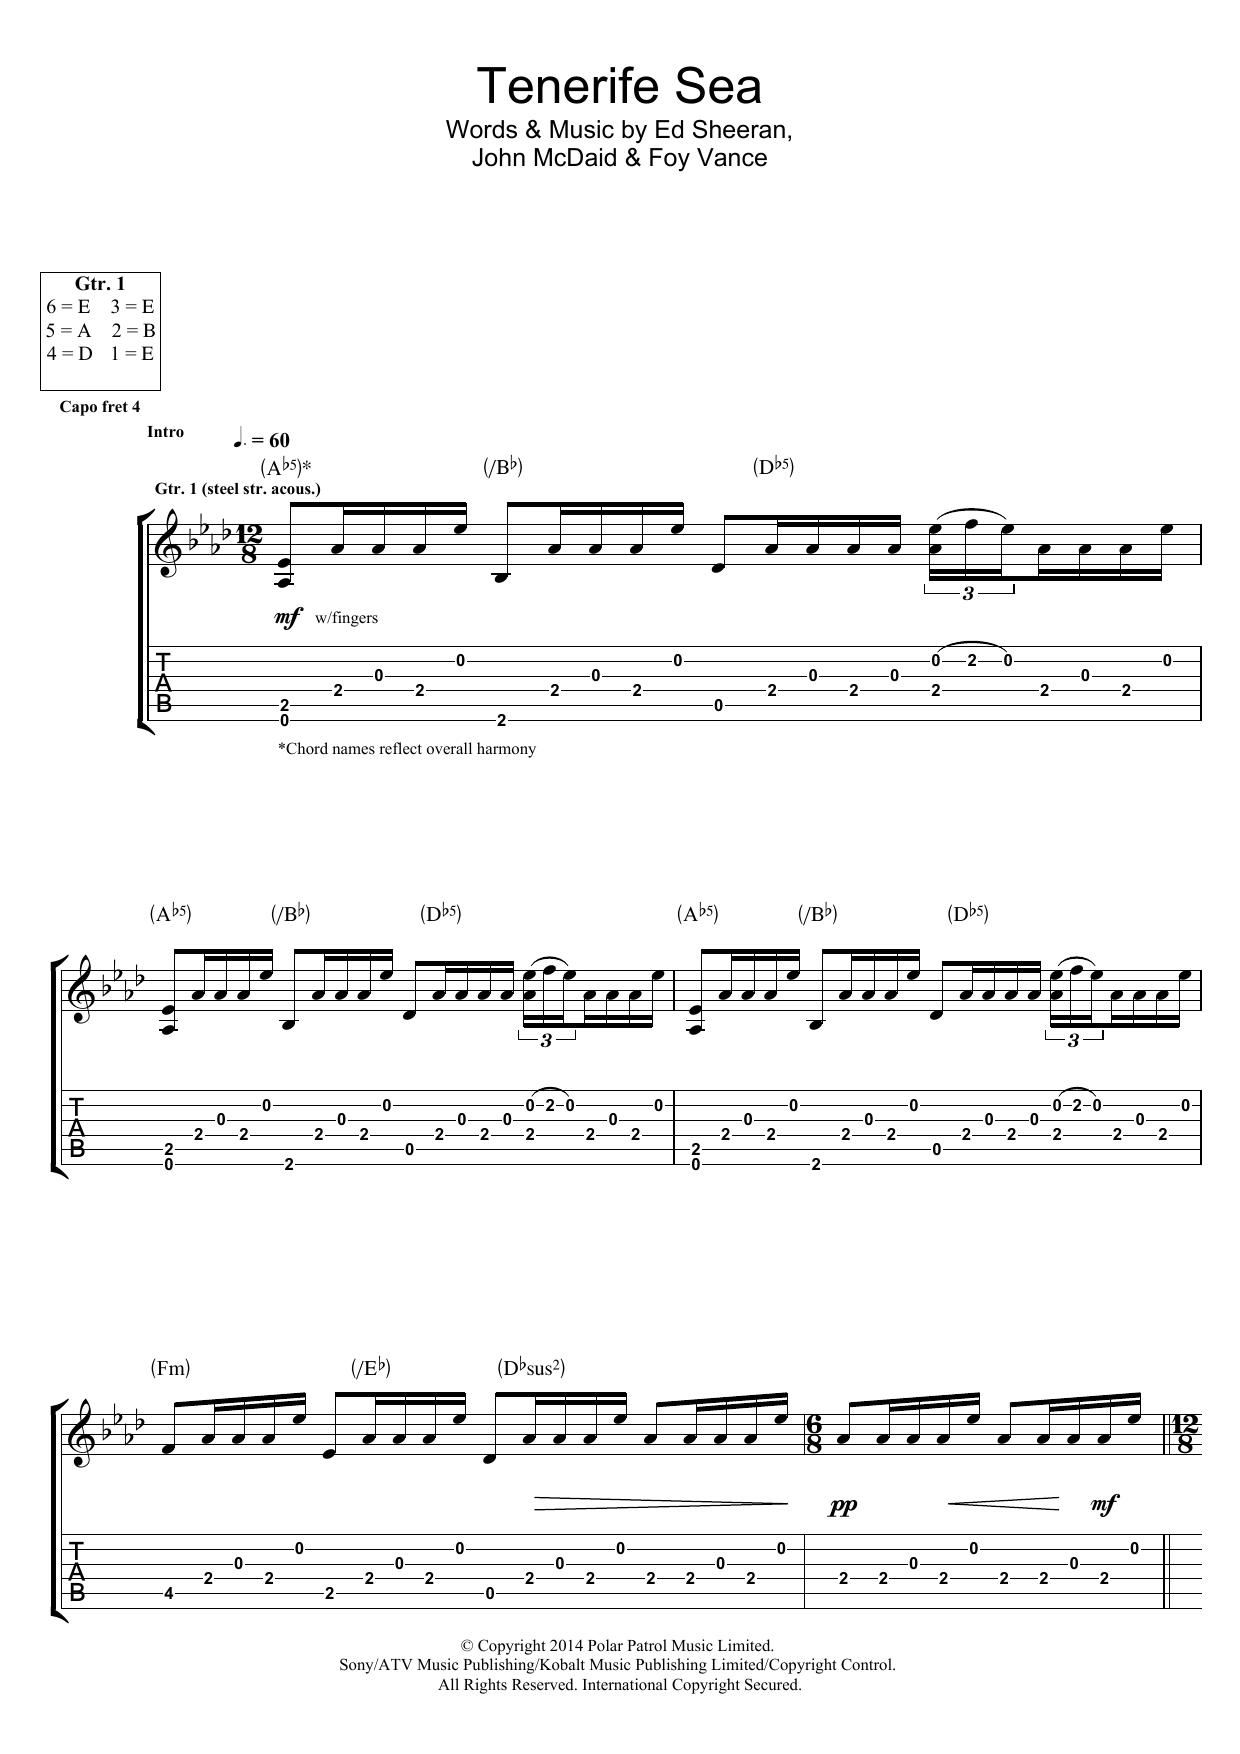 Tenerife Sea (Guitar Tab)